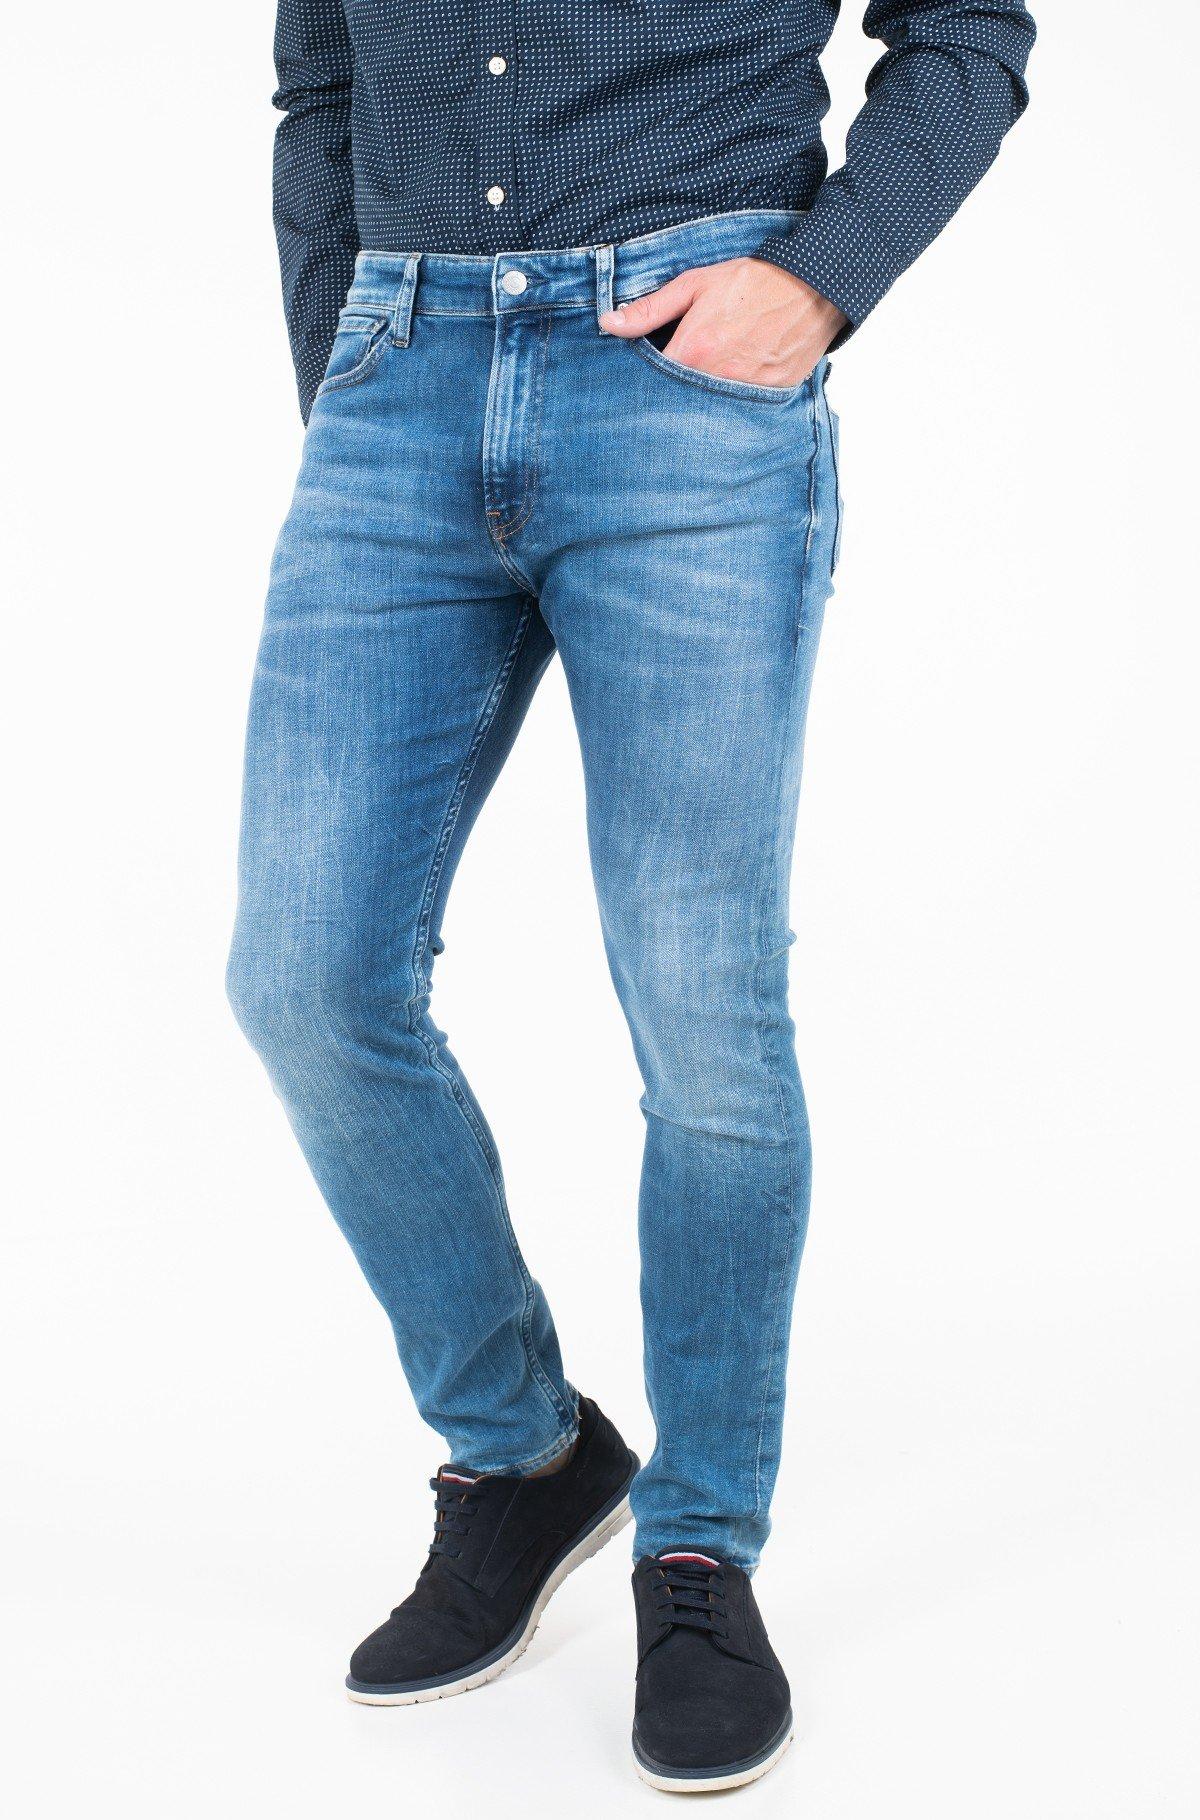 Džinsinės kelnės CKJ 016 SKINNY J30J311693-full-1